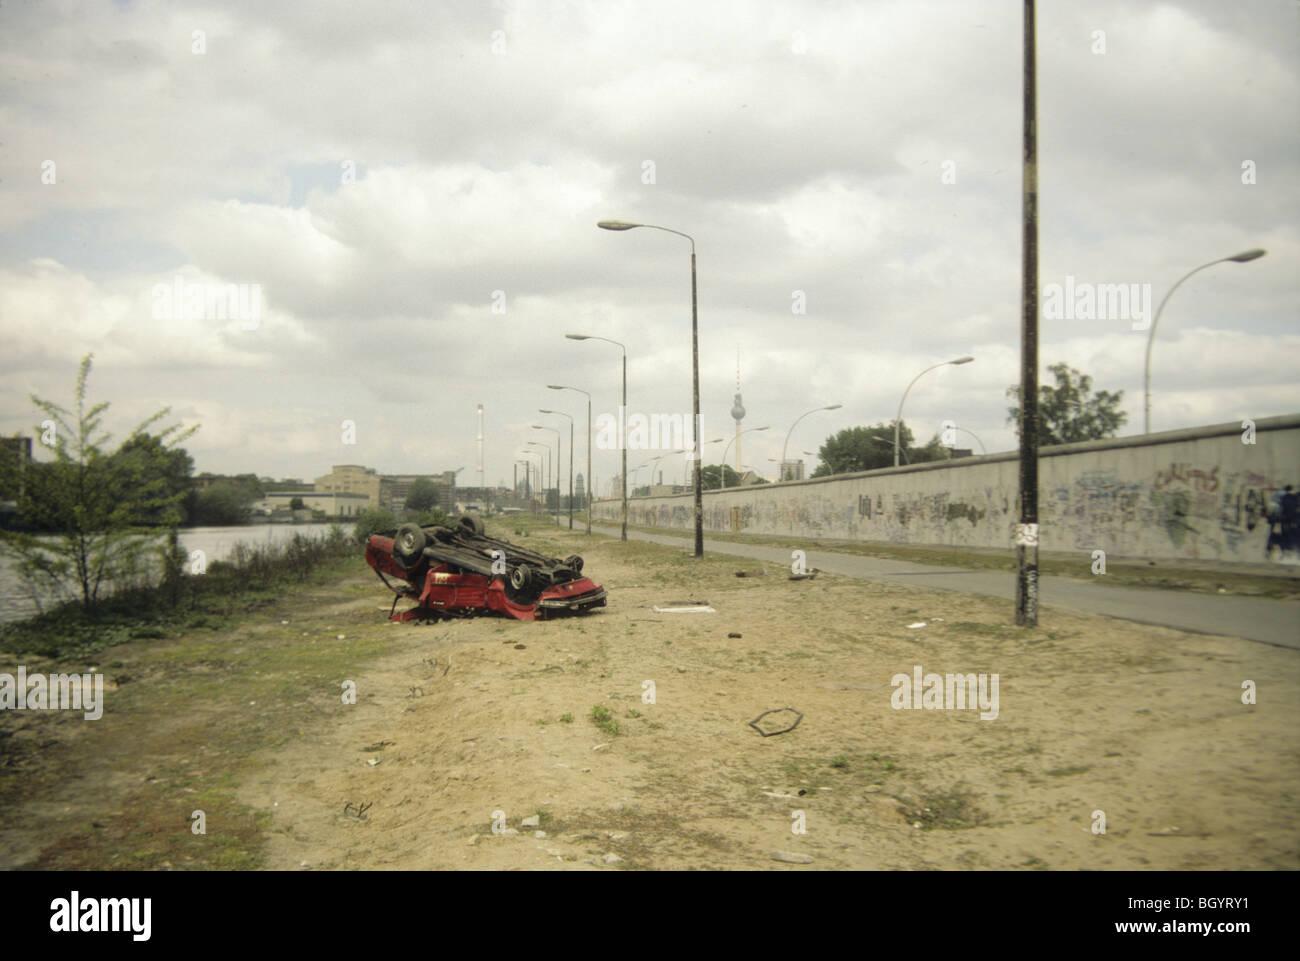 Une voiture est renversée et abandonné près du mur de Berlin en mai 1991 peu avant l'effondrement Photo Stock